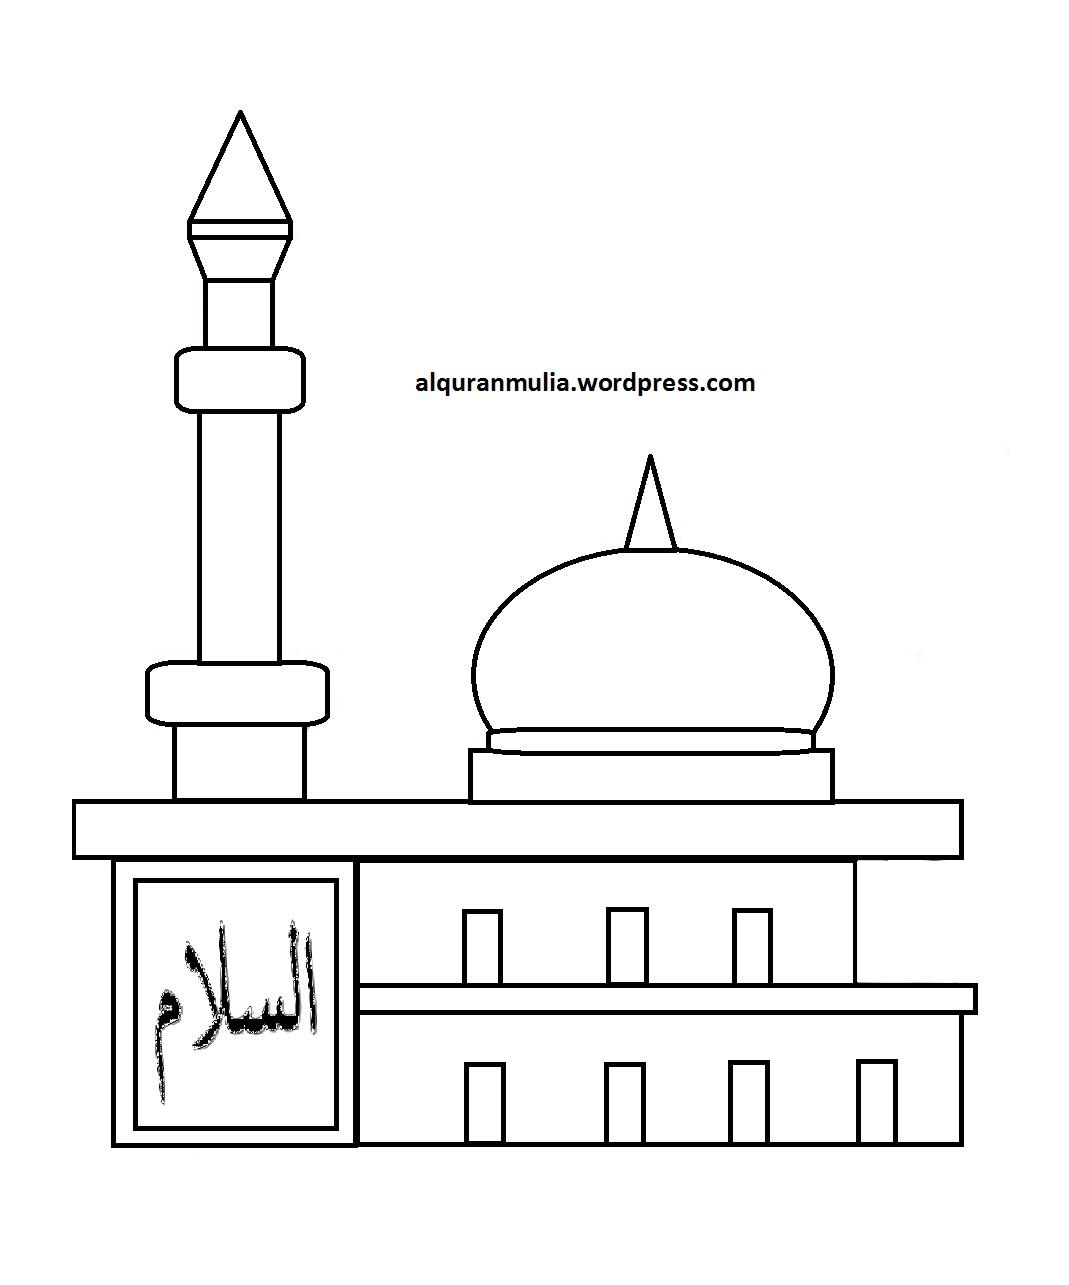 Islami Alqur Anmulia